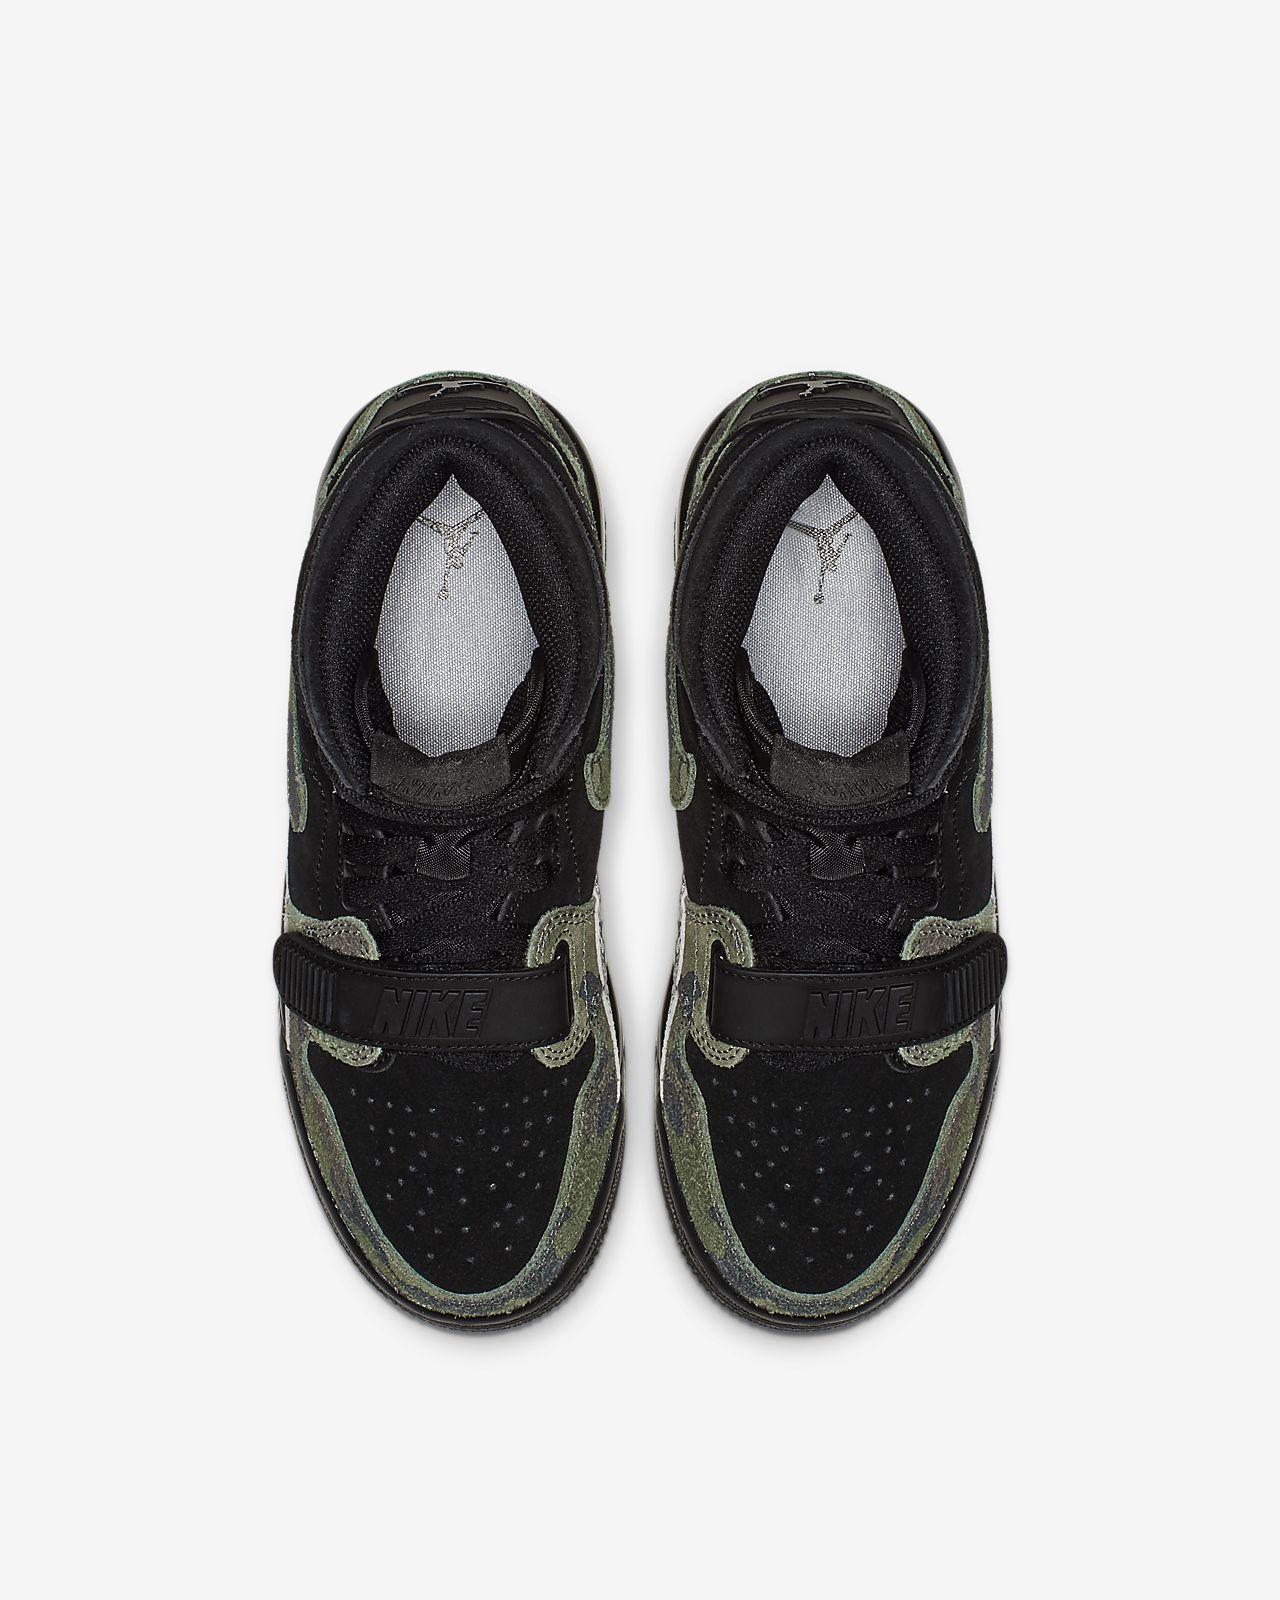 374d21c099e7 Air Jordan Legacy 312 Big Kids  Shoe. Nike.com